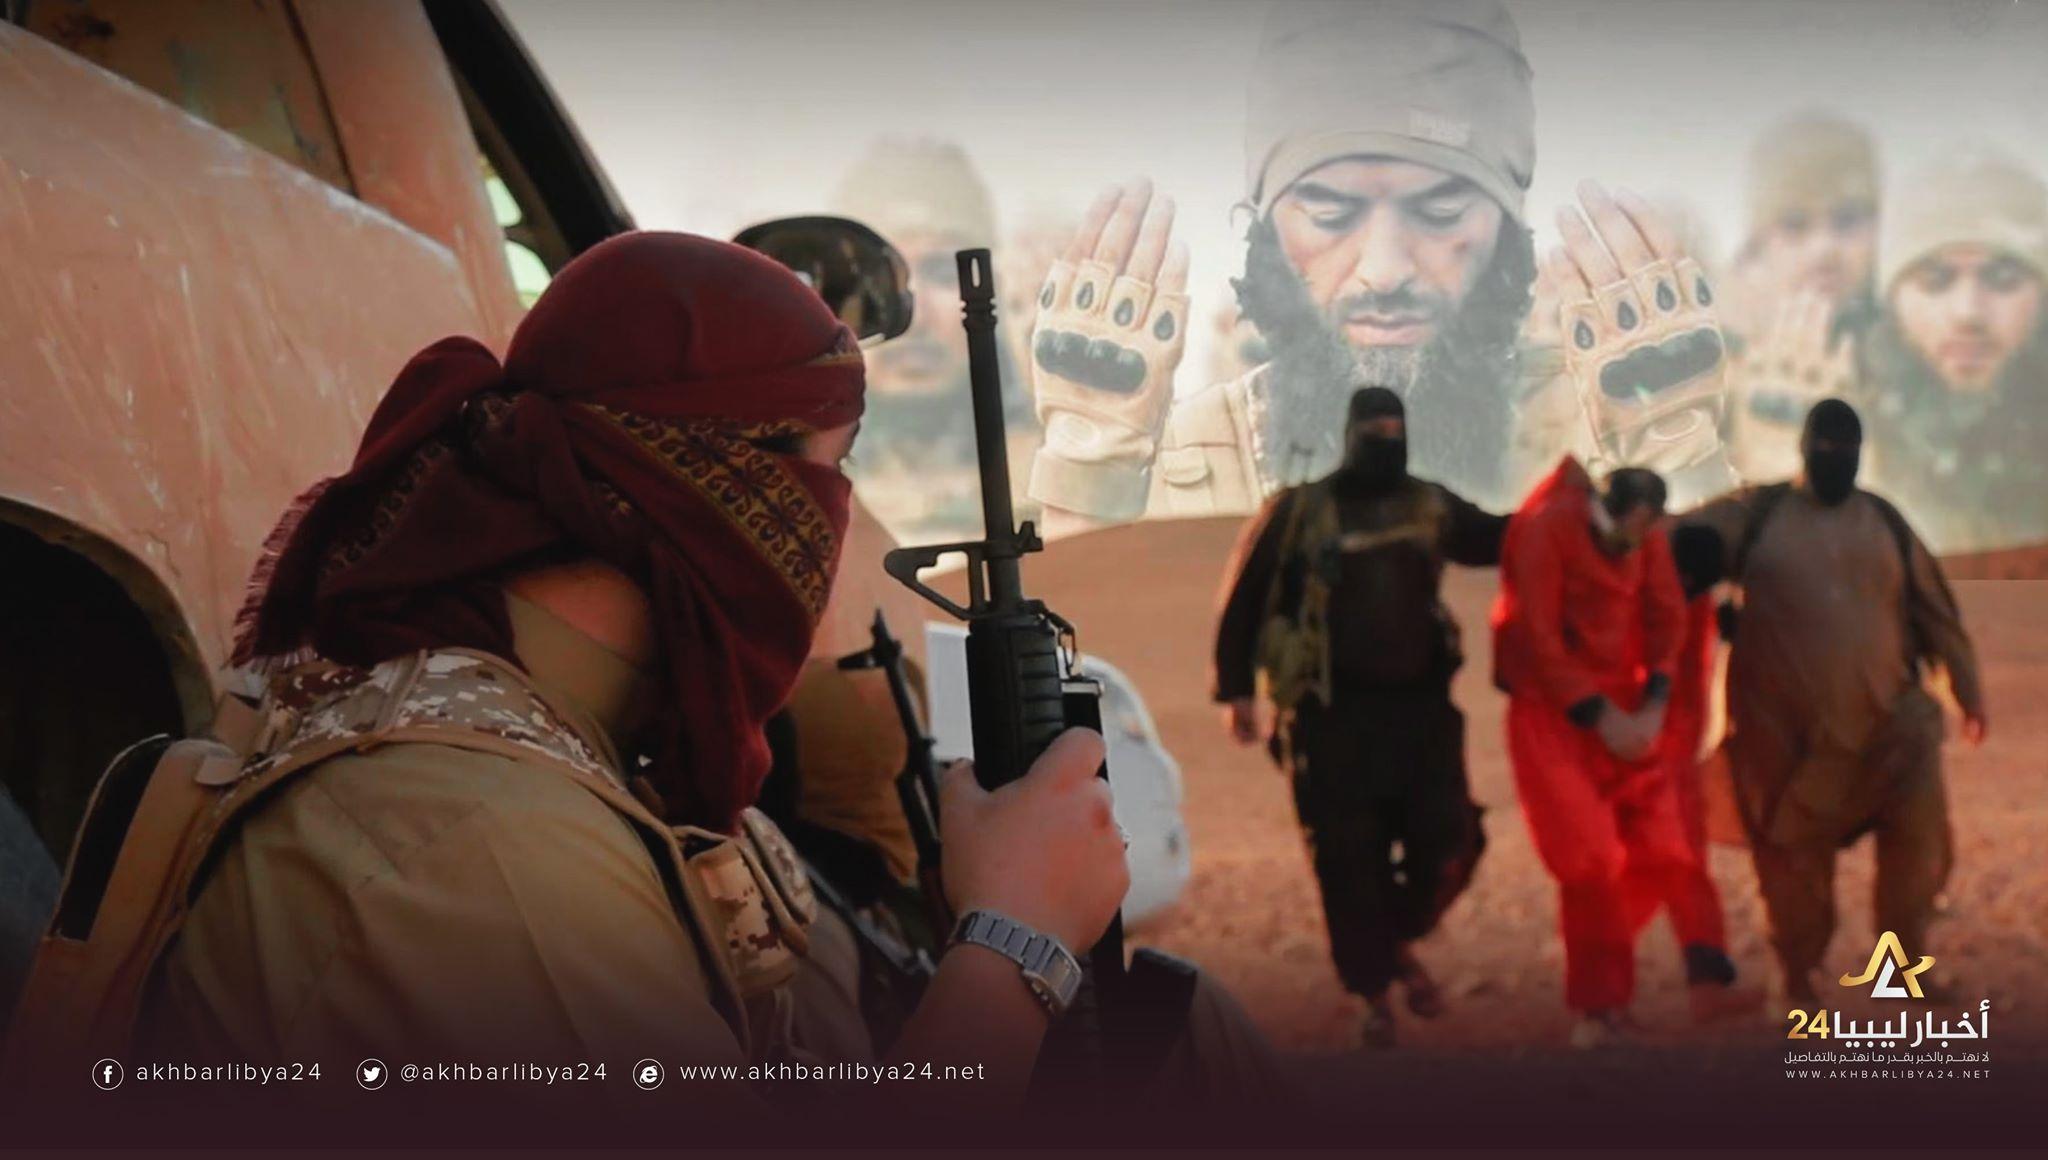 صورة فتاوى داعش المضحكة كانت السبب في تفككه من الداخل